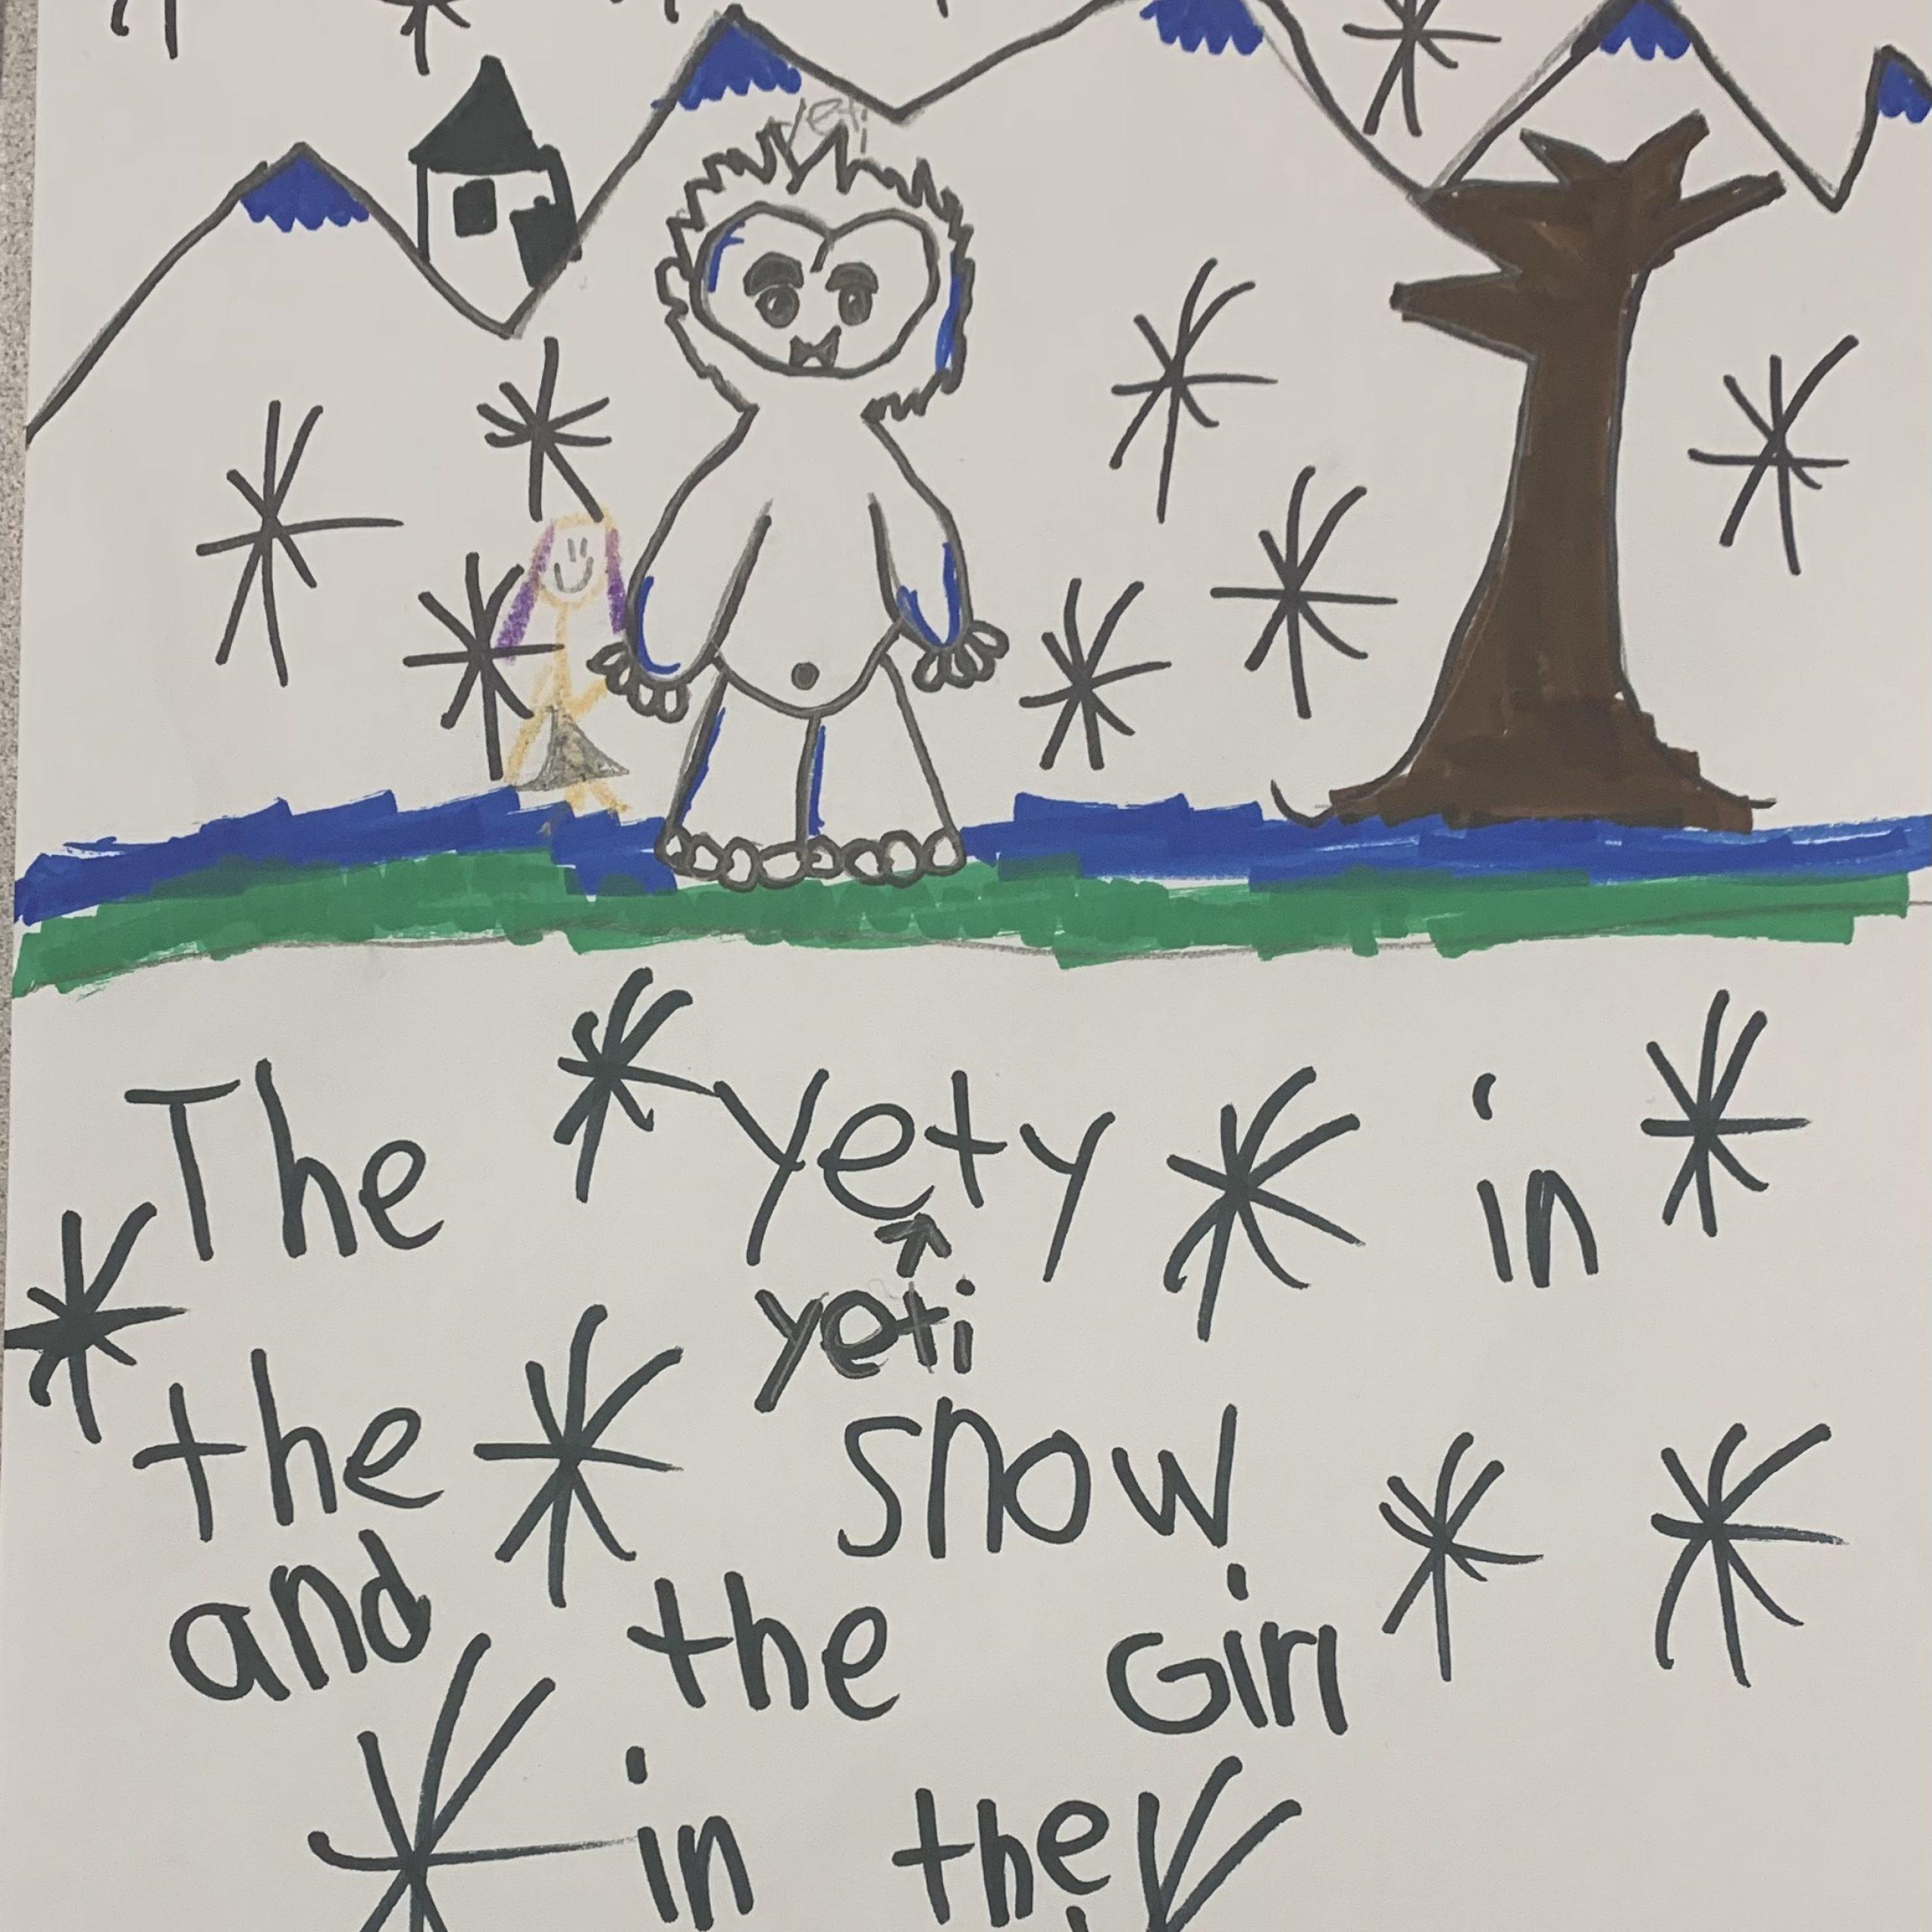 yeti in the snow katerina h